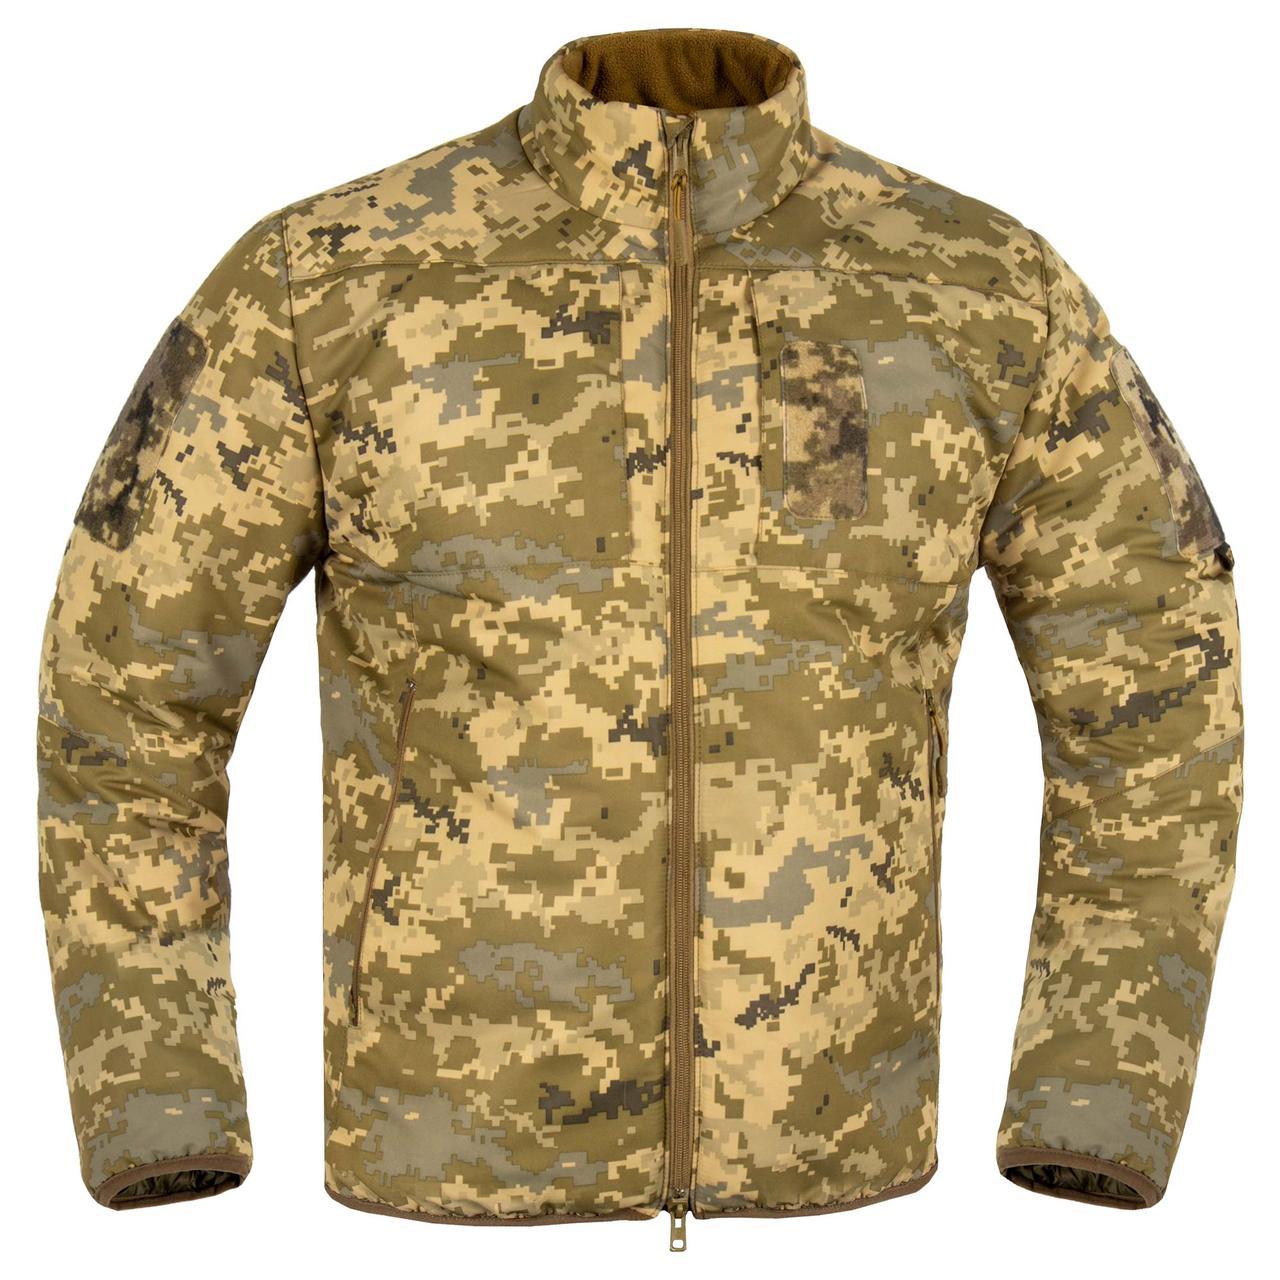 Куртка демисезонная утепленная P1G-Tac® SILVA-Camo - MM-14